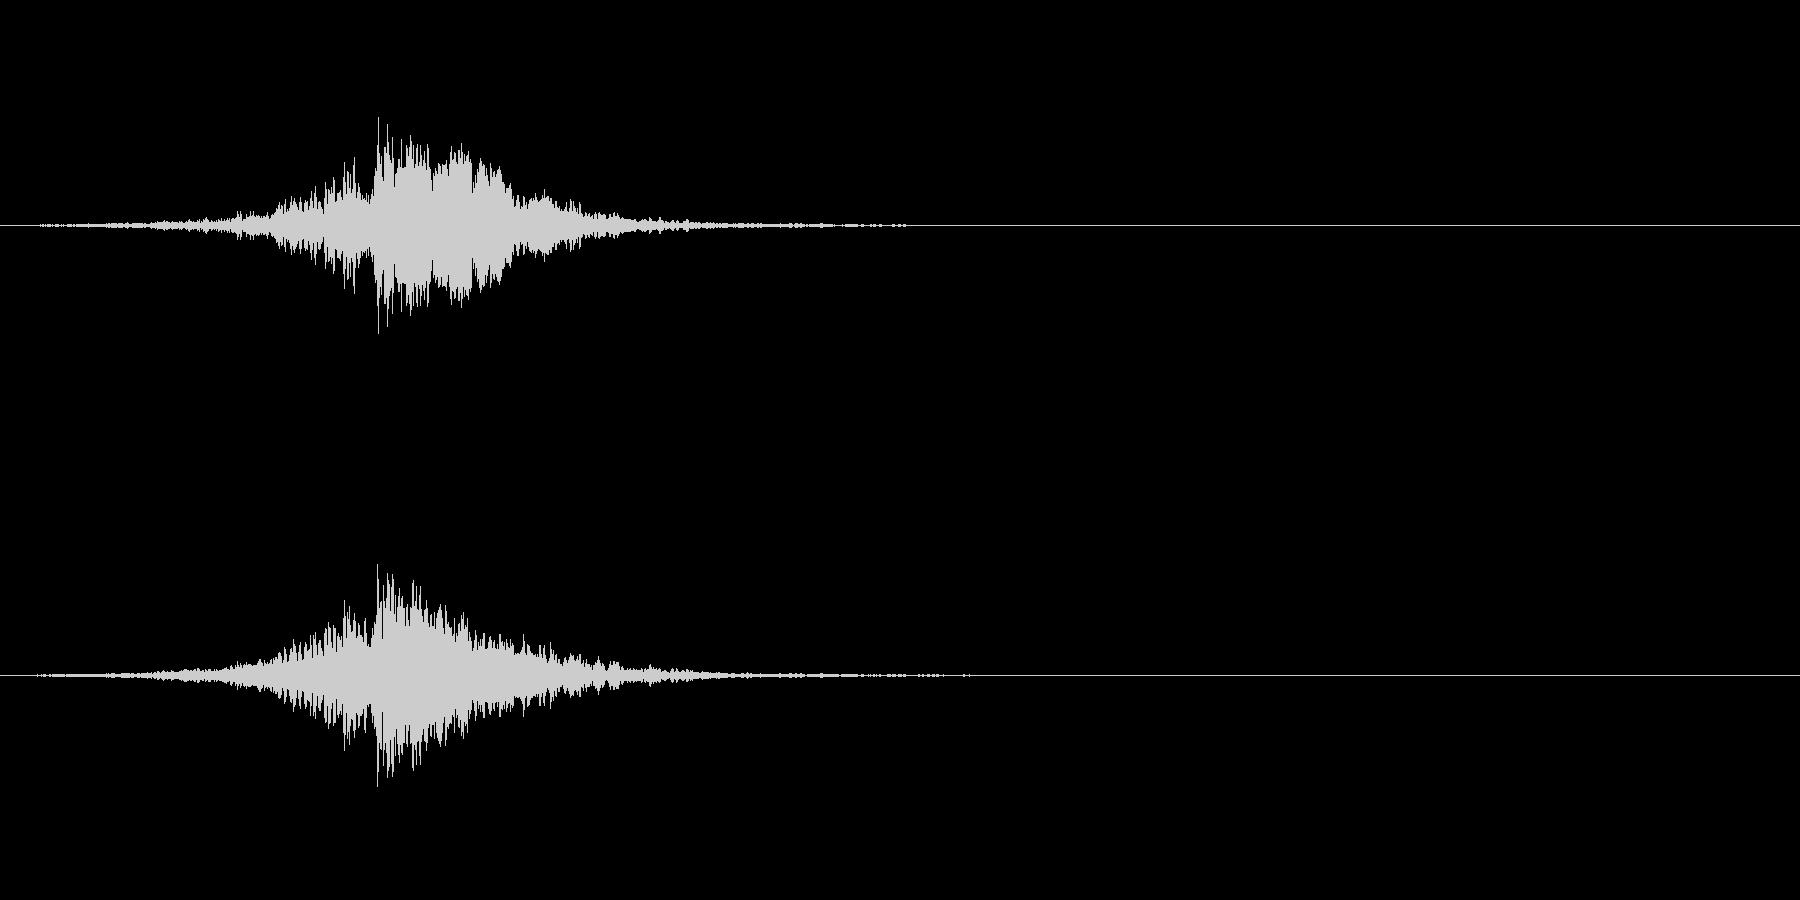 映画などの予告やサウンドロゴの未再生の波形